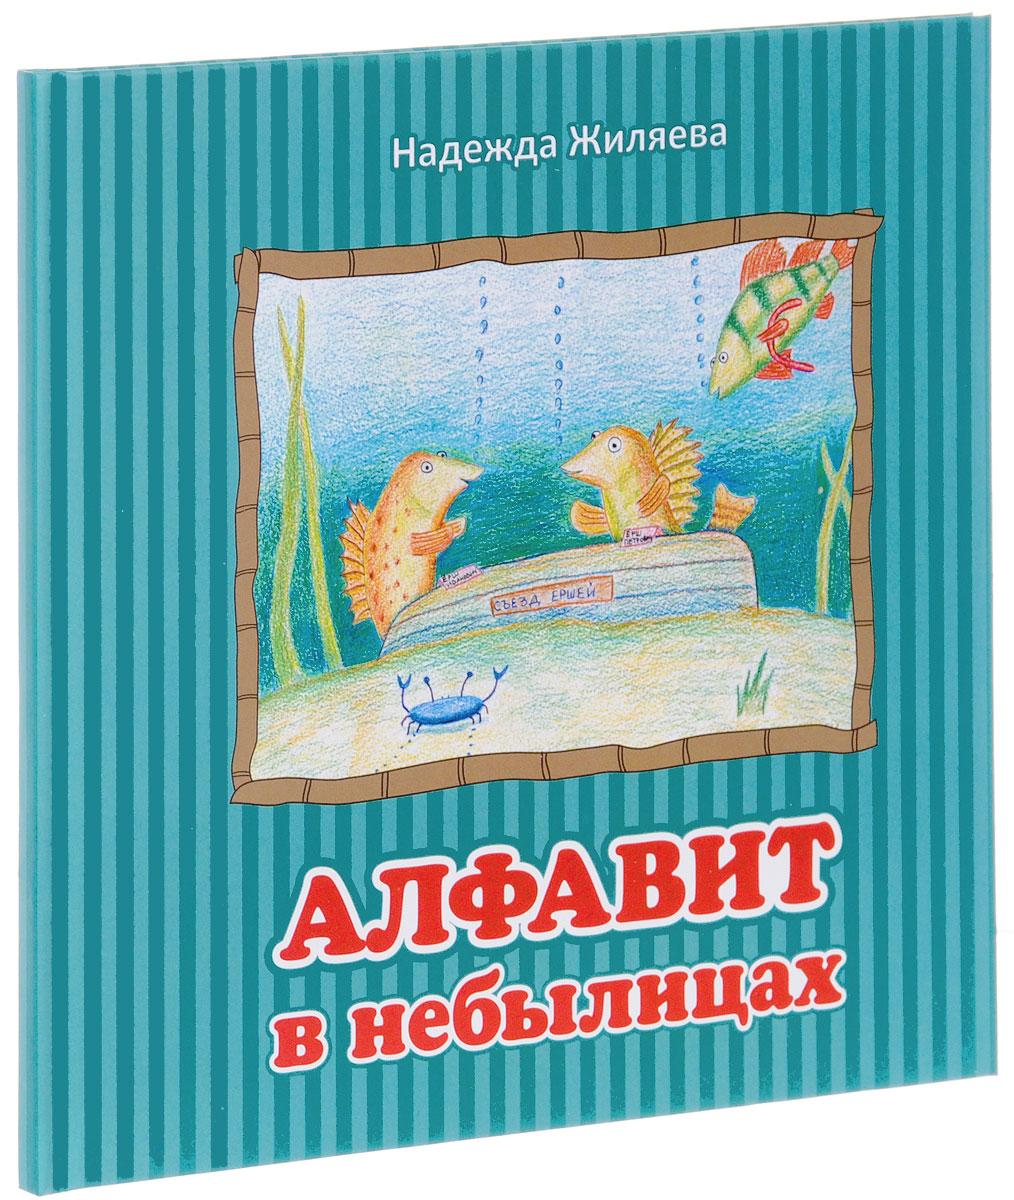 Надежда Жиляева Алфавит в небылицах алфавит для детей купить